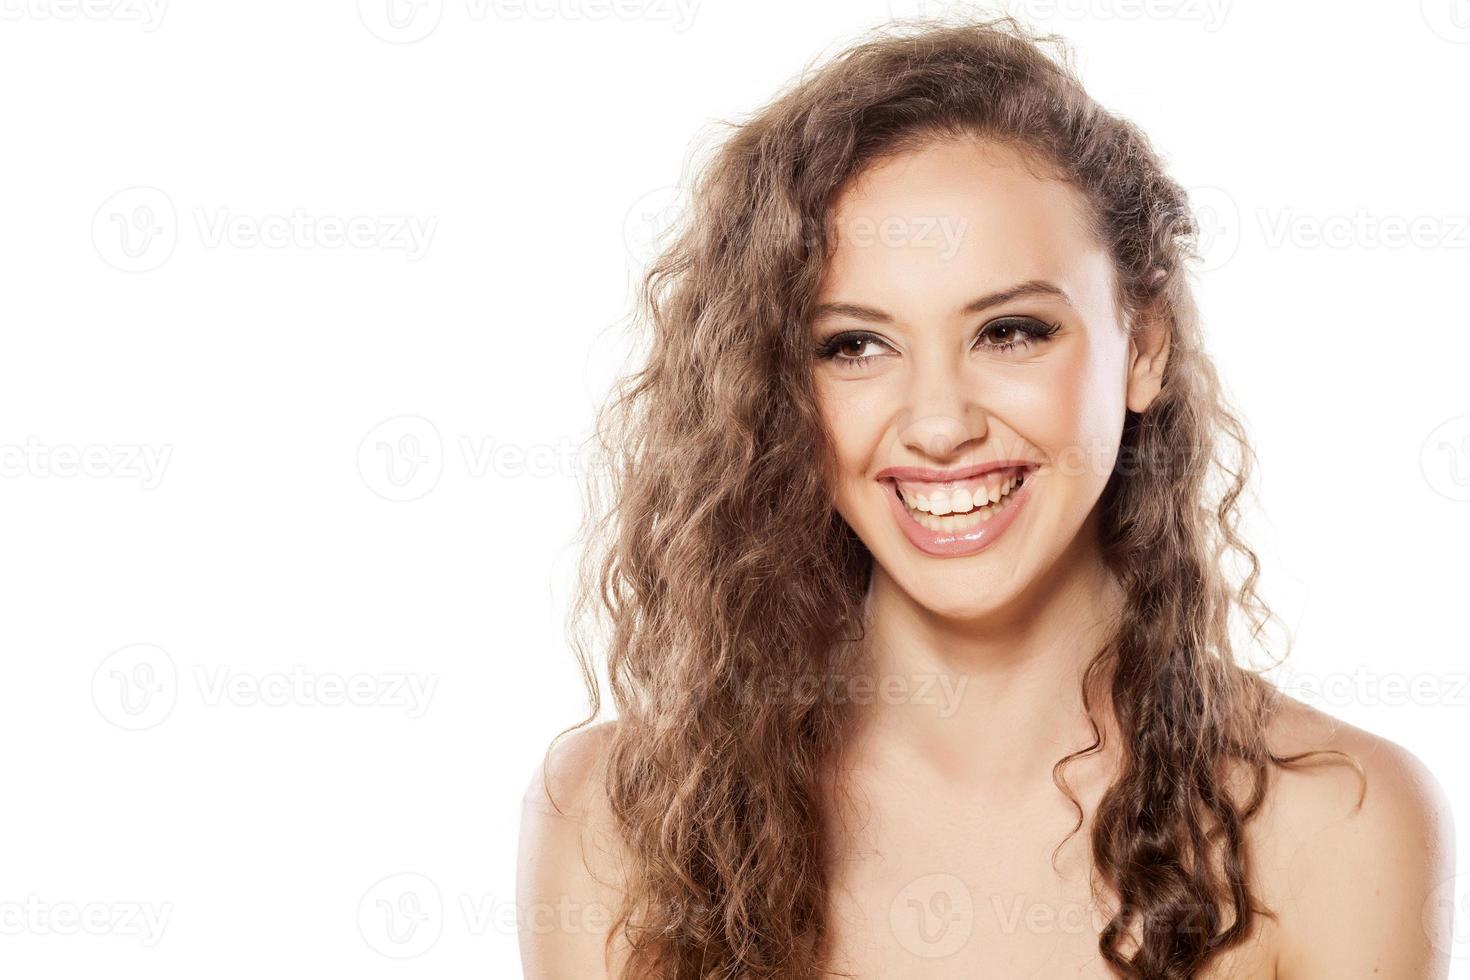 portrait, de, sourire, jeune fille photo